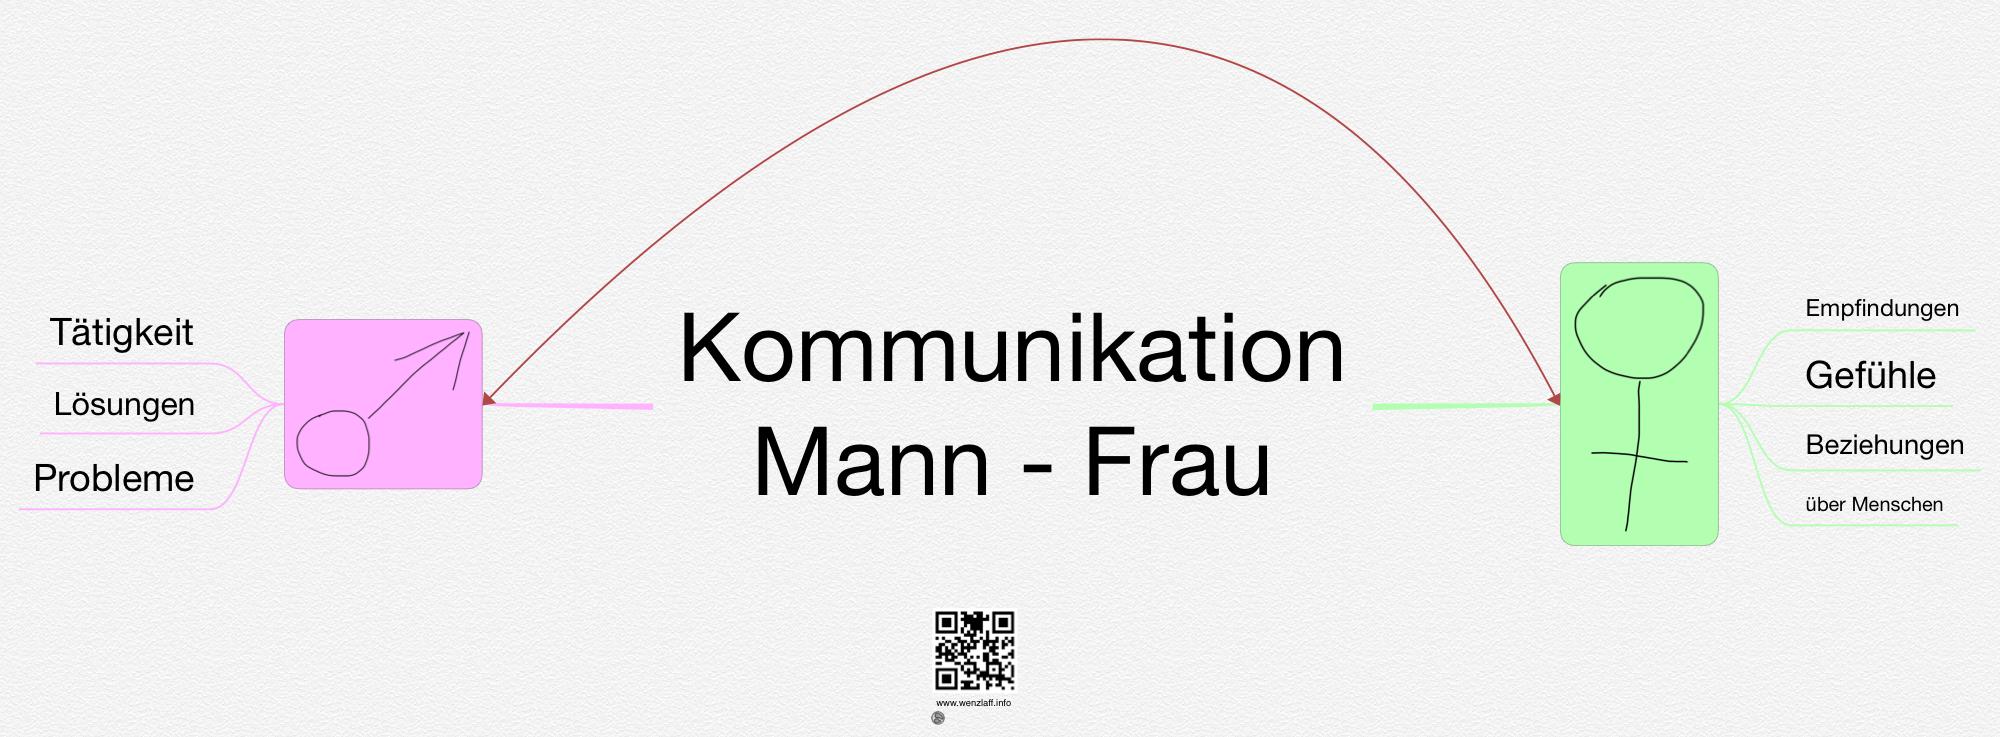 Kommunikation-mann-frau